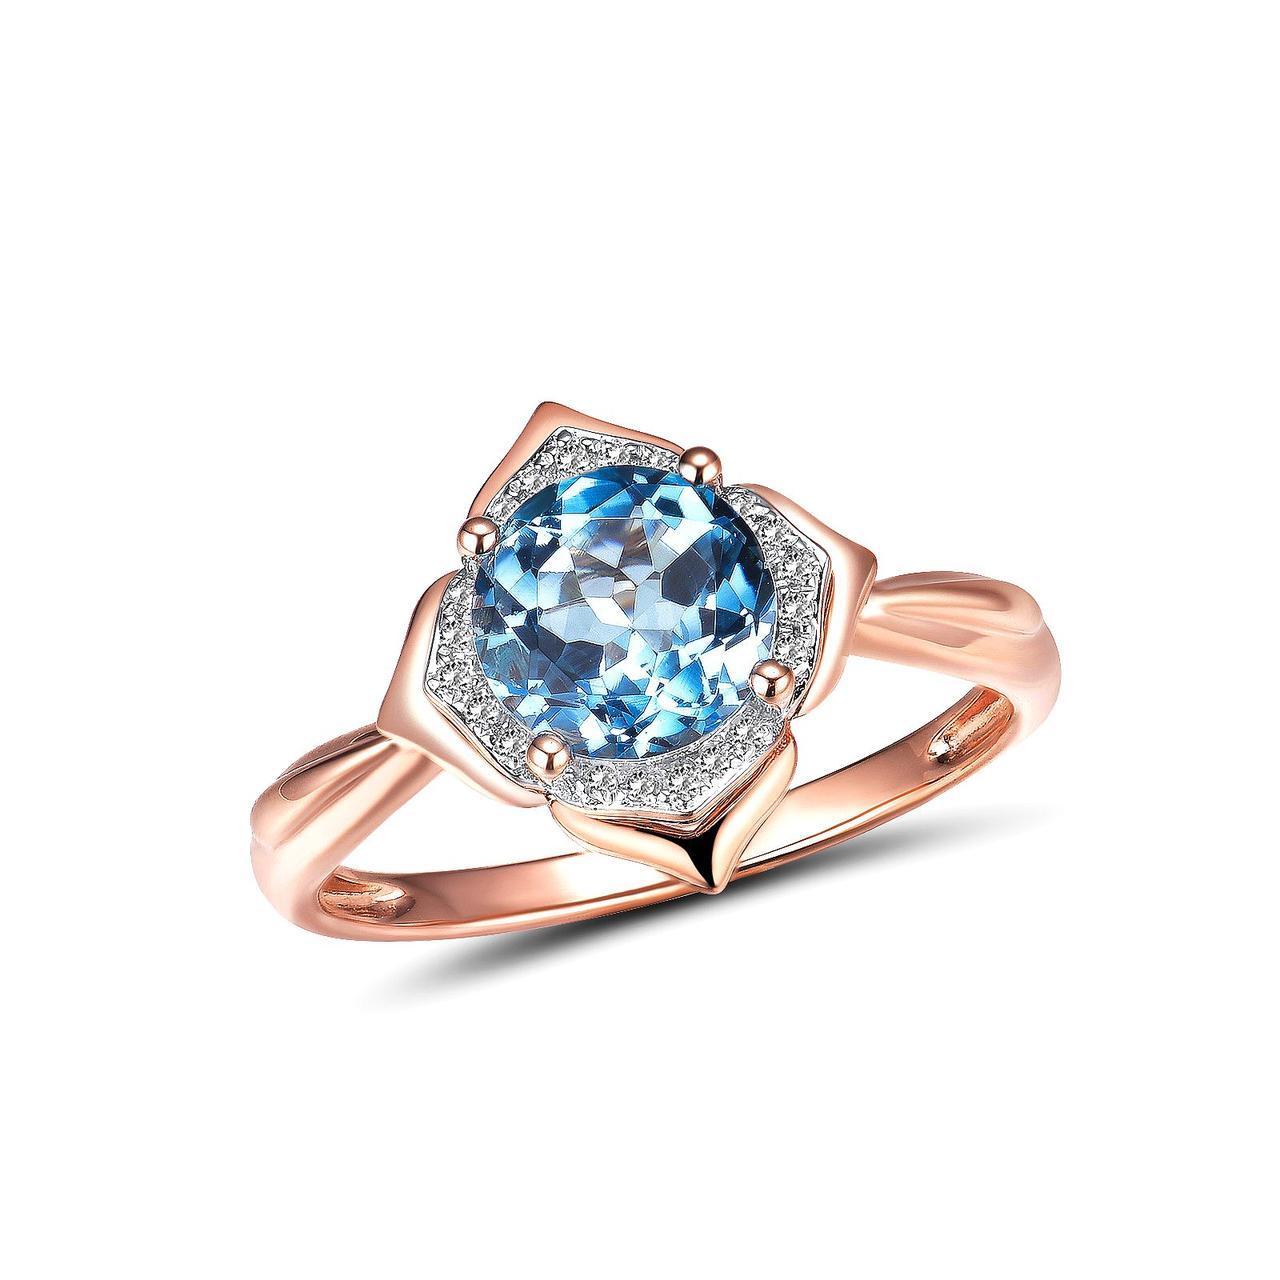 Золотое кольцо с бриллиантами и топазом, размер 16.5 (1694185)